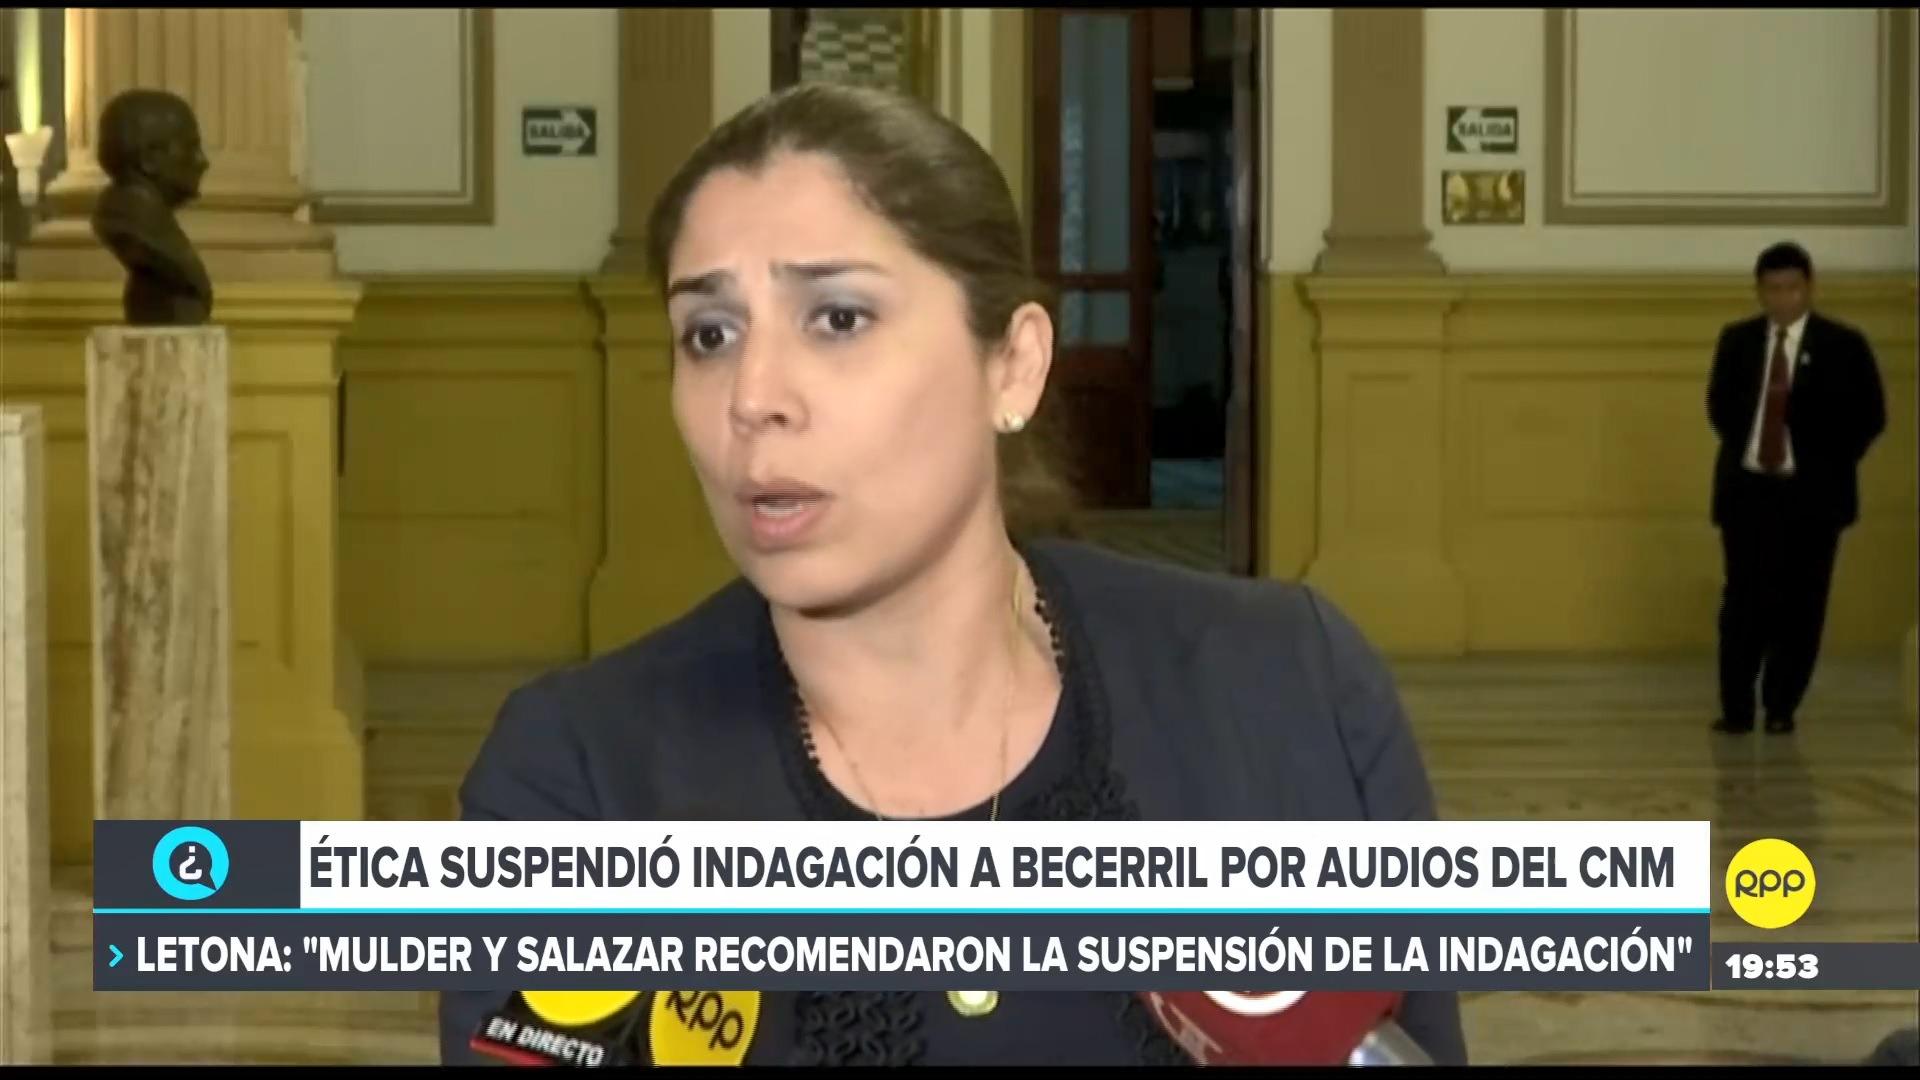 La parlamentaria comentó que la suspensión fue planteada por los parlamentarios Mauricio Mulder (APRA) y Milagros Salazar (Fuerza Popular).